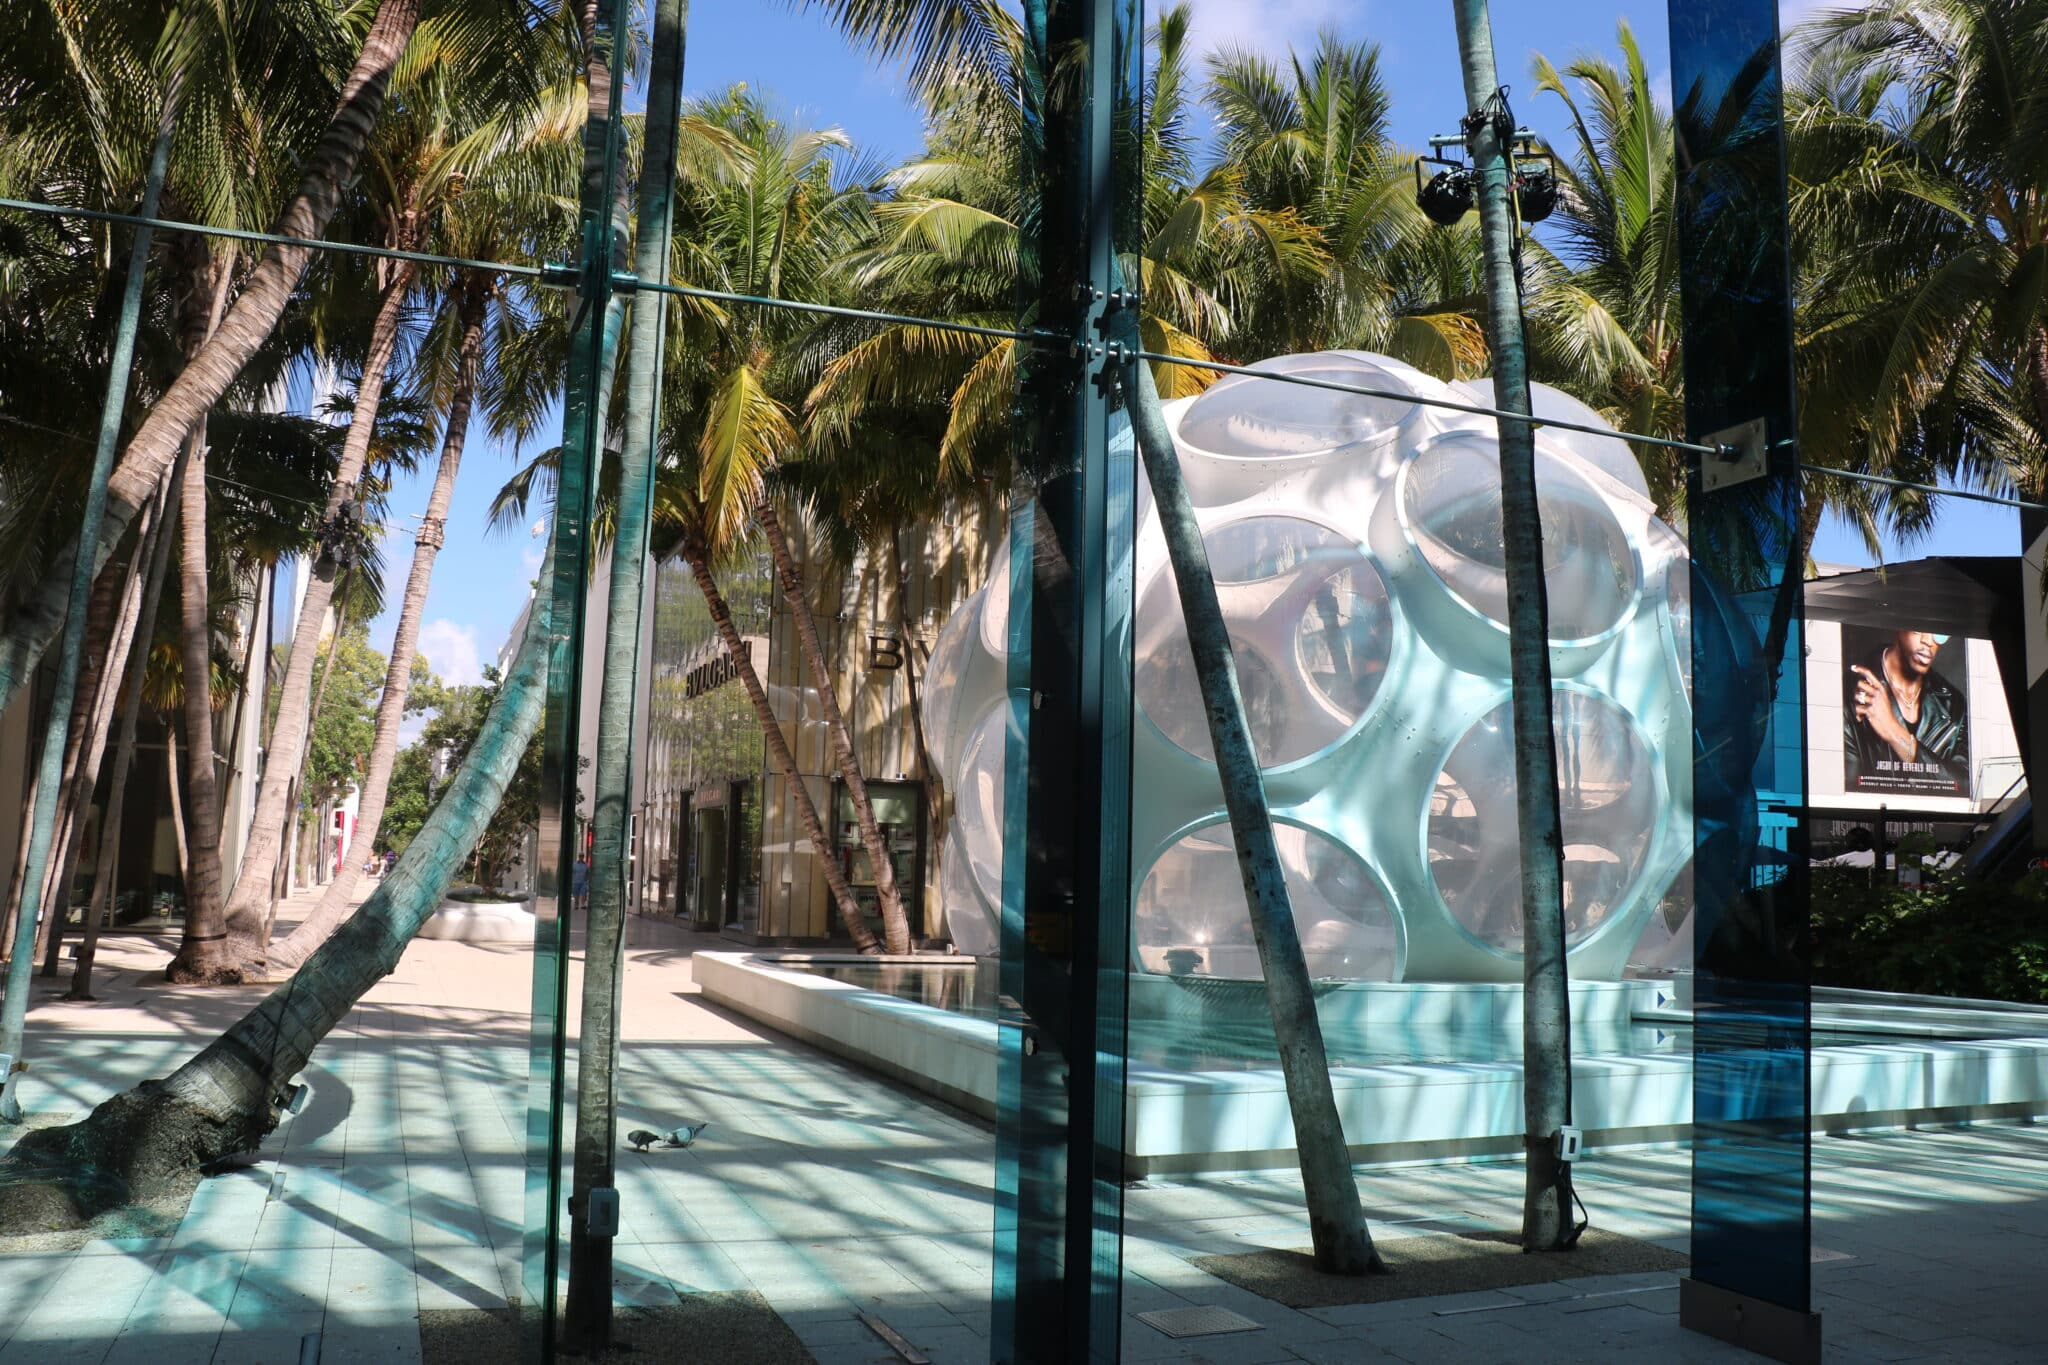 Ontdek de architectuur in Miami